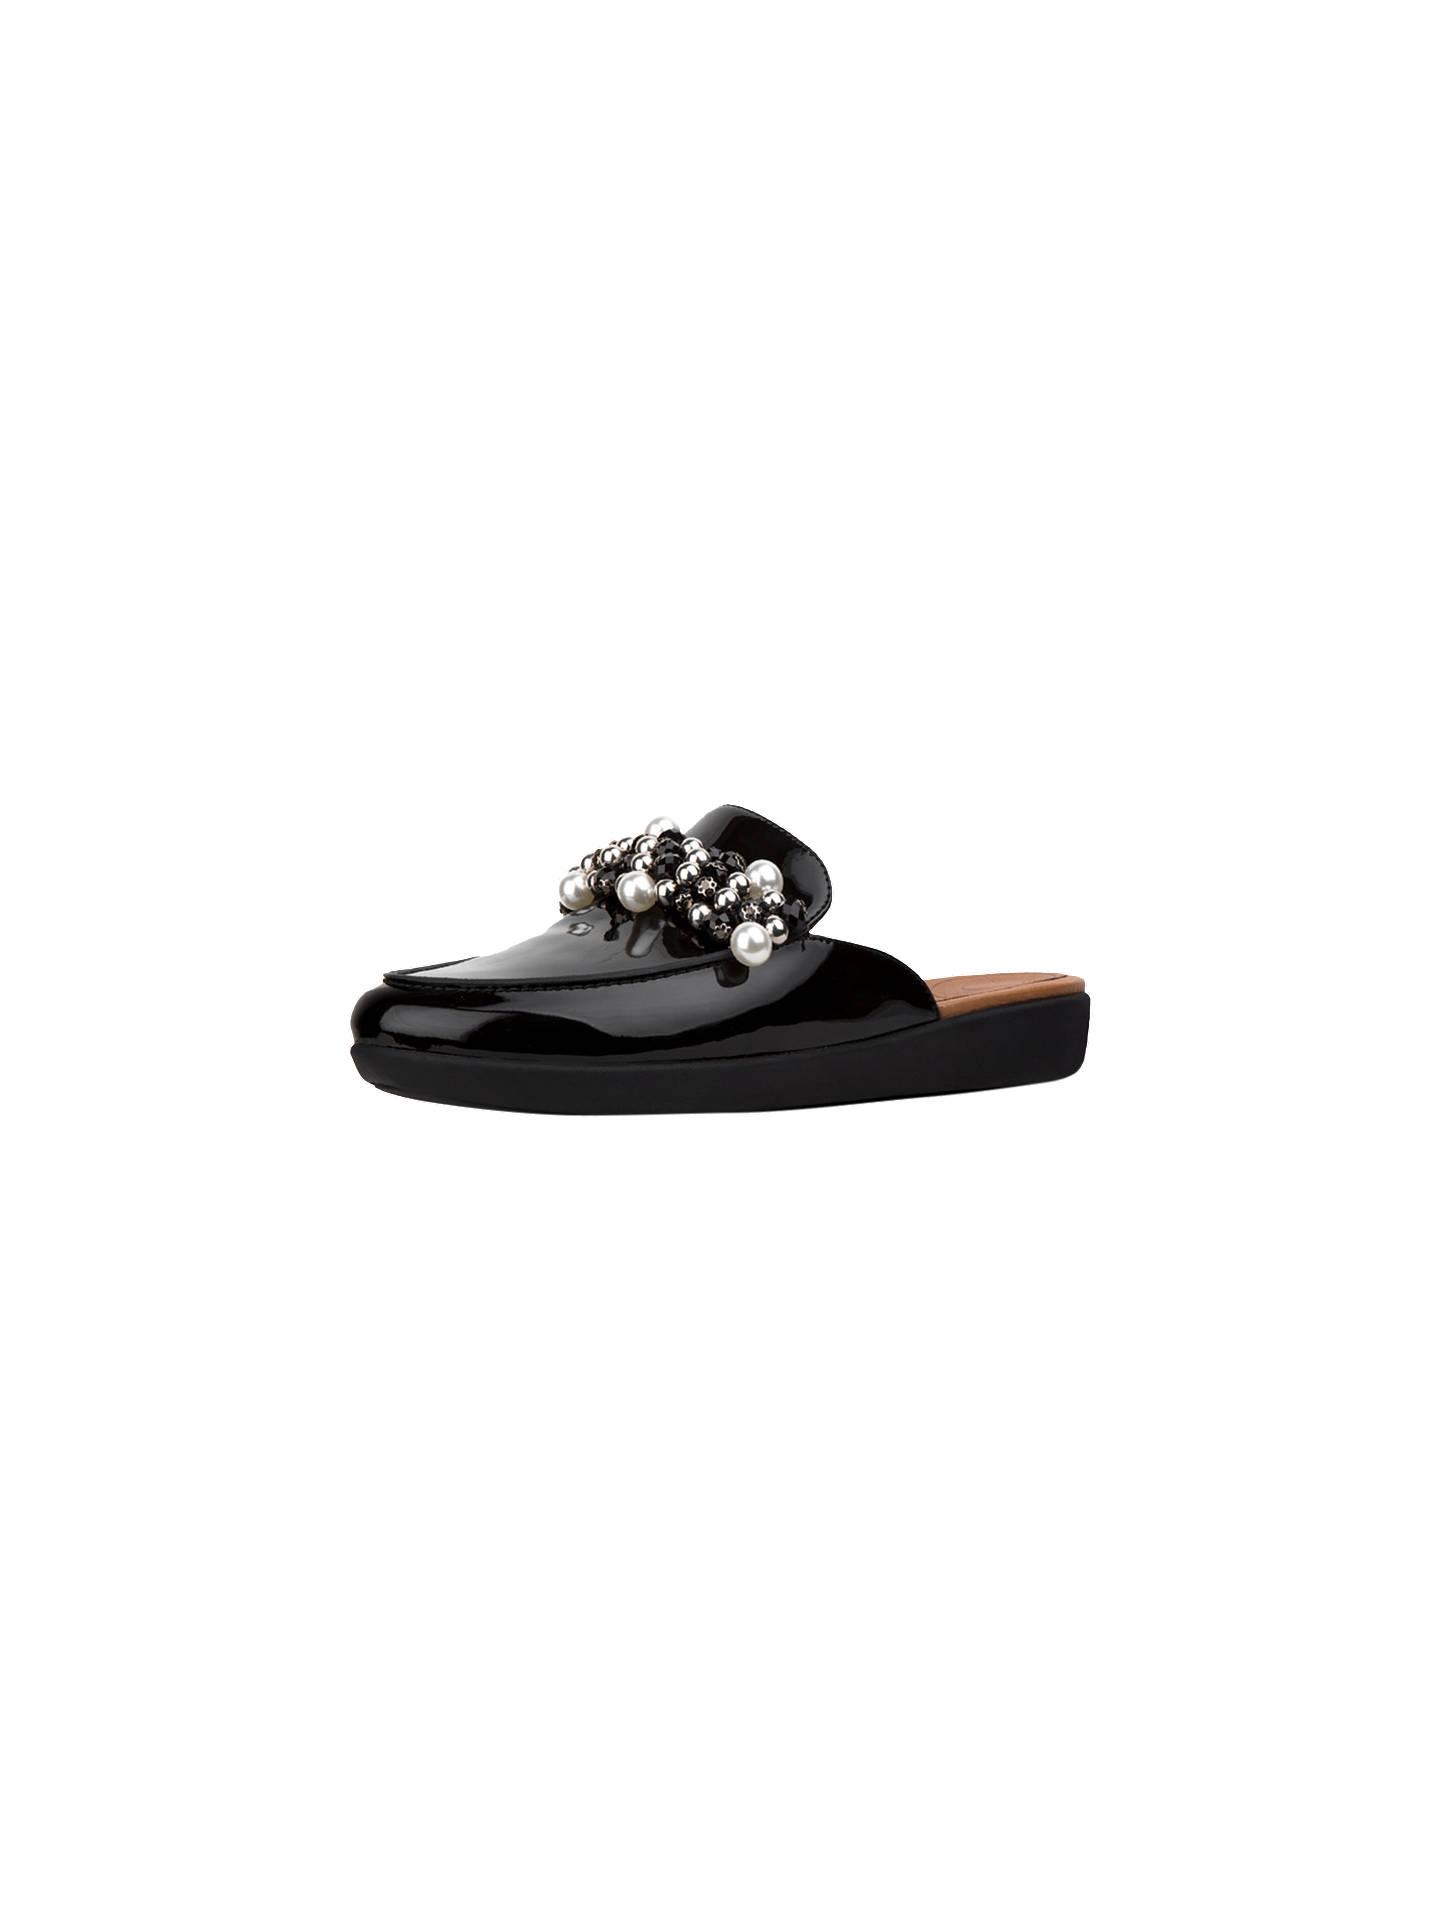 39834cc6d7d6d ... Buy FitFlop Serene Deco Embellished Mule Slides